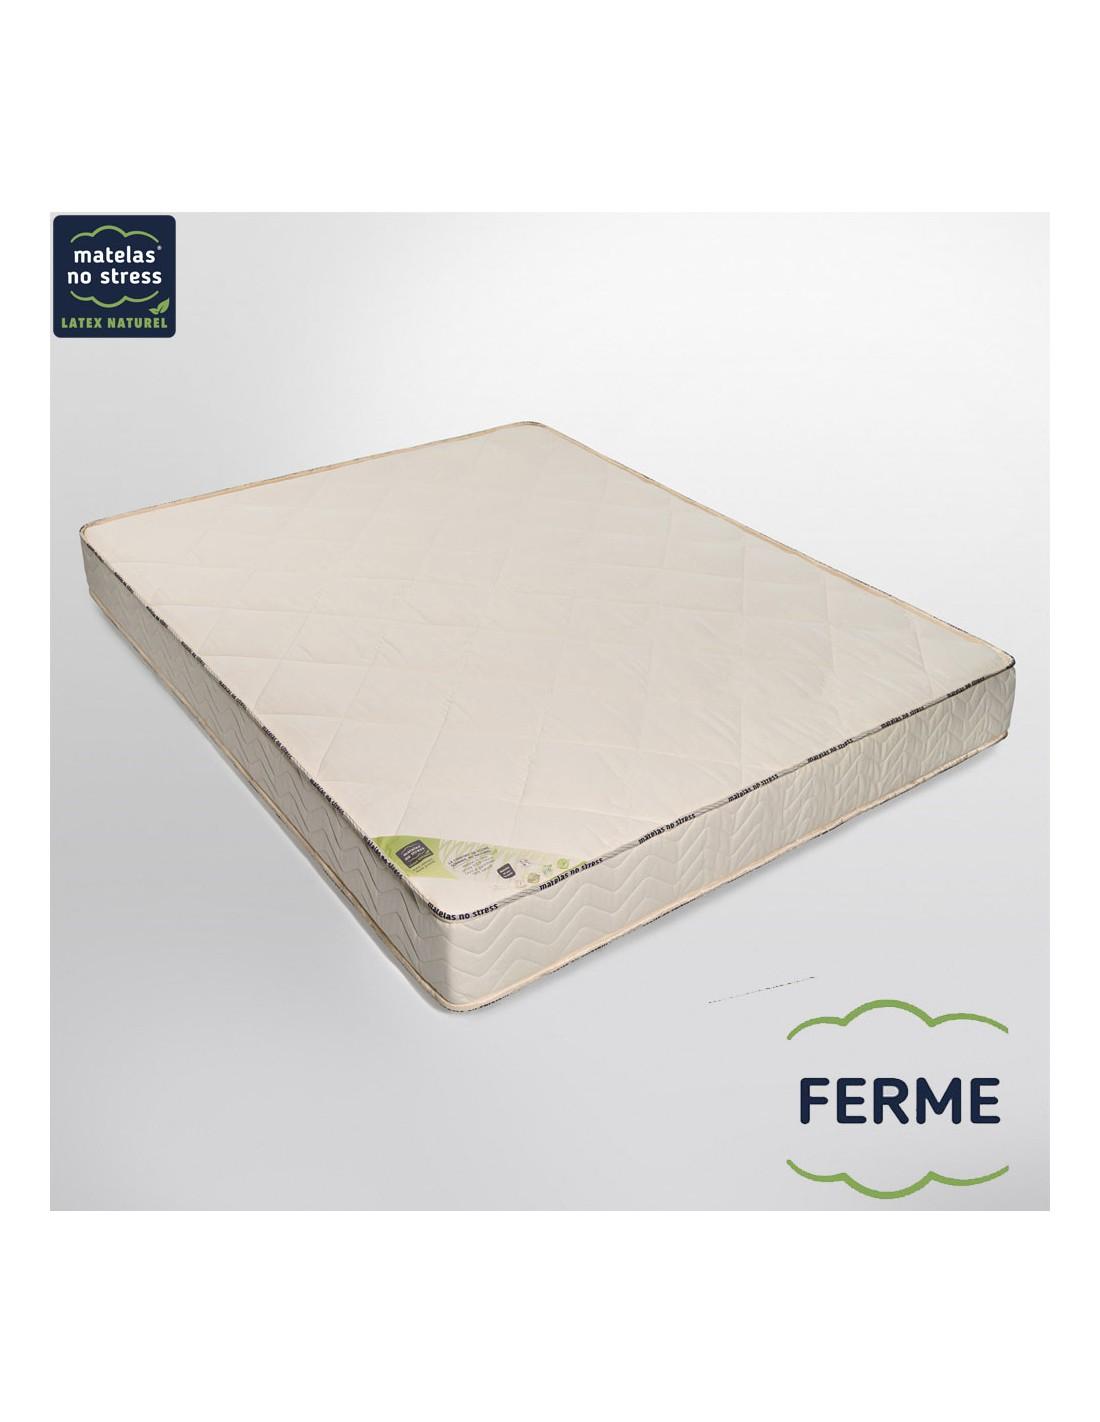 matelas latex naturel 160x200 haut de gamme. Black Bedroom Furniture Sets. Home Design Ideas